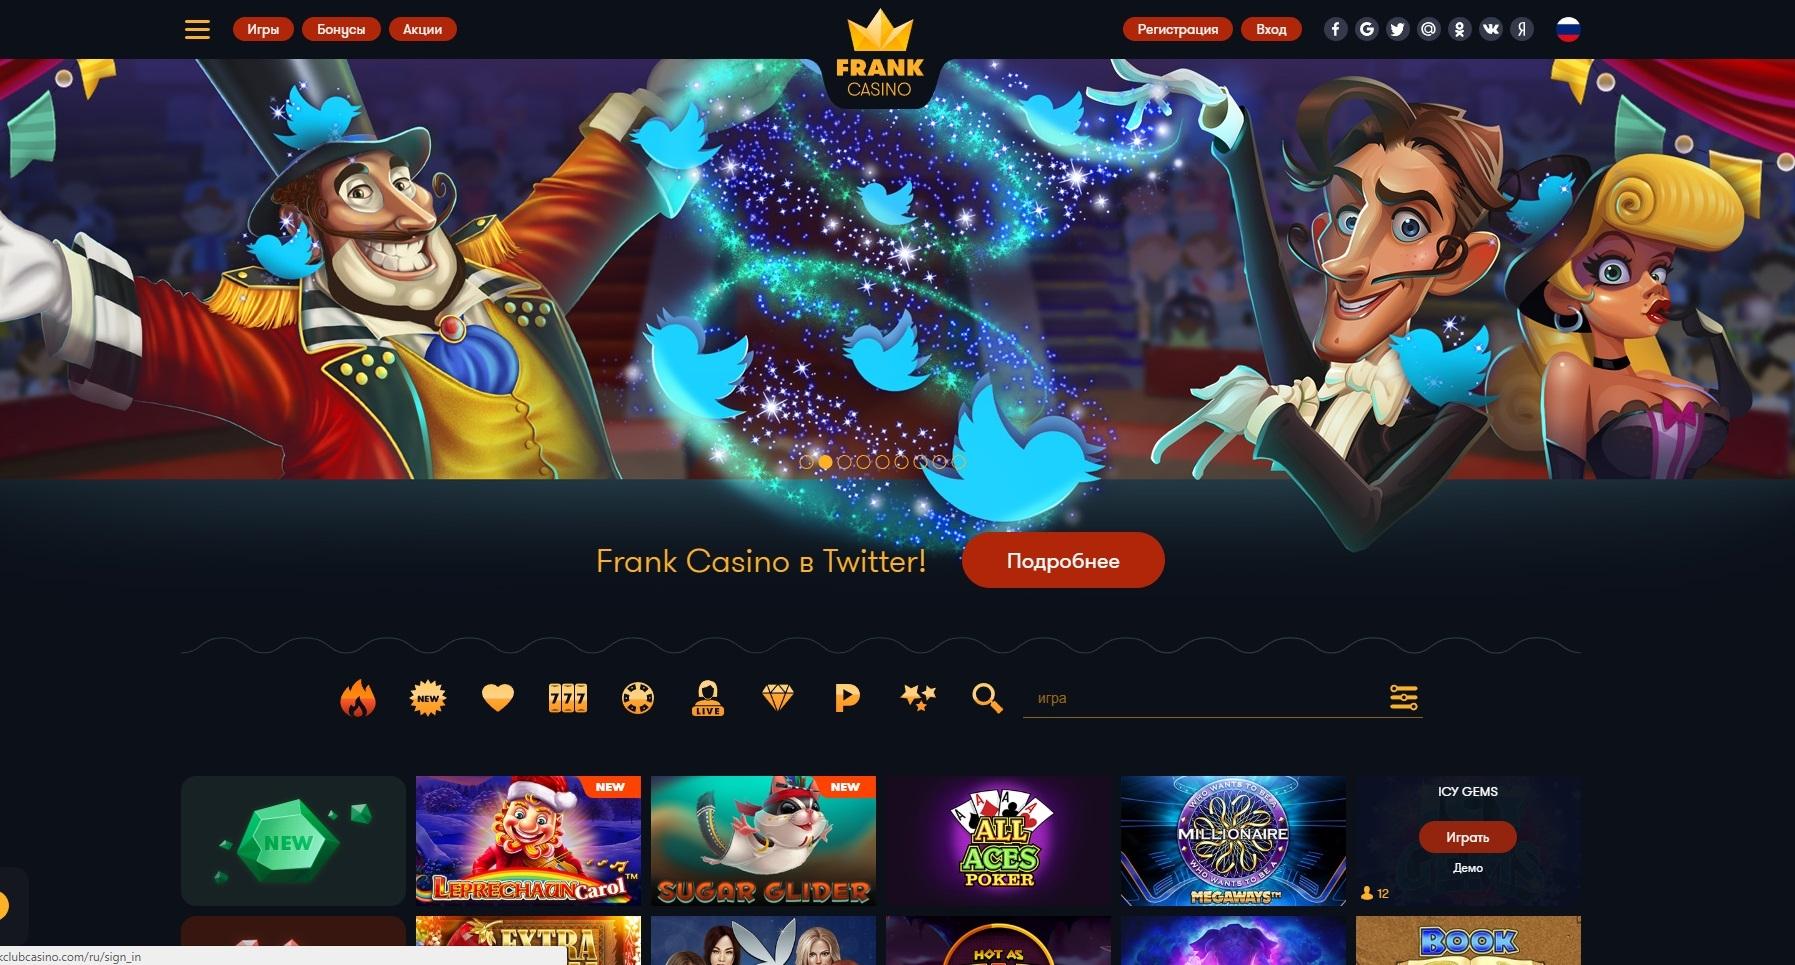 официальный сайт frank casino online top